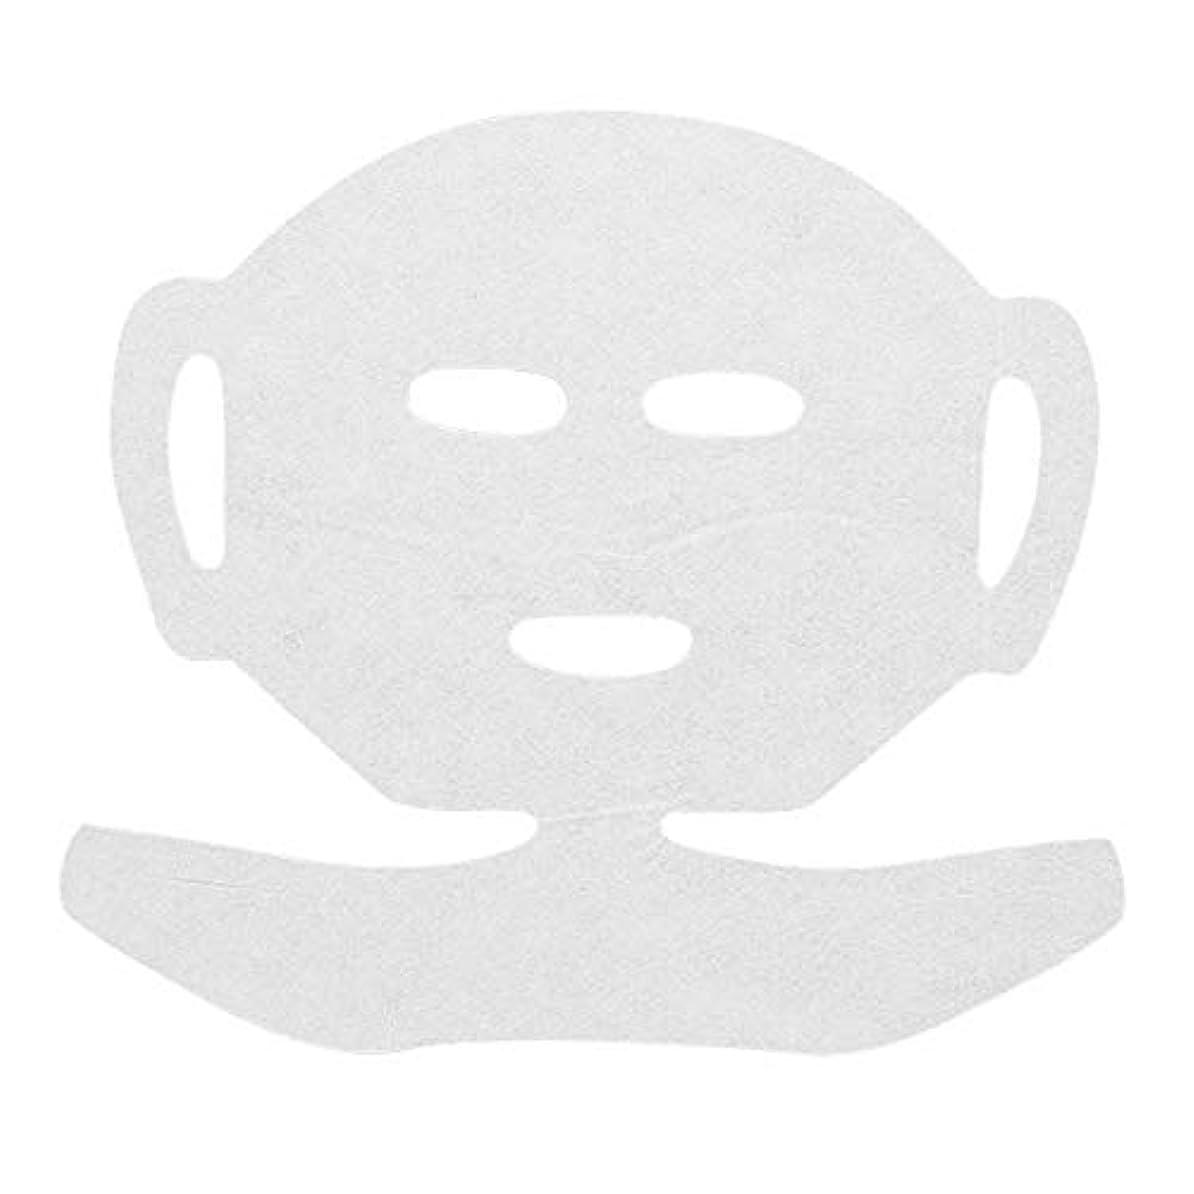 ラインナップ童謡休憩高保水 フェイシャルシート (マスクタイプネック付き 化粧水無し) 80枚 29×20cm [ フェイスマスク フェイスシート フェイスパック フェイシャルマスク シートマスク フェイシャルシート フェイシャルパック ローションマスク...